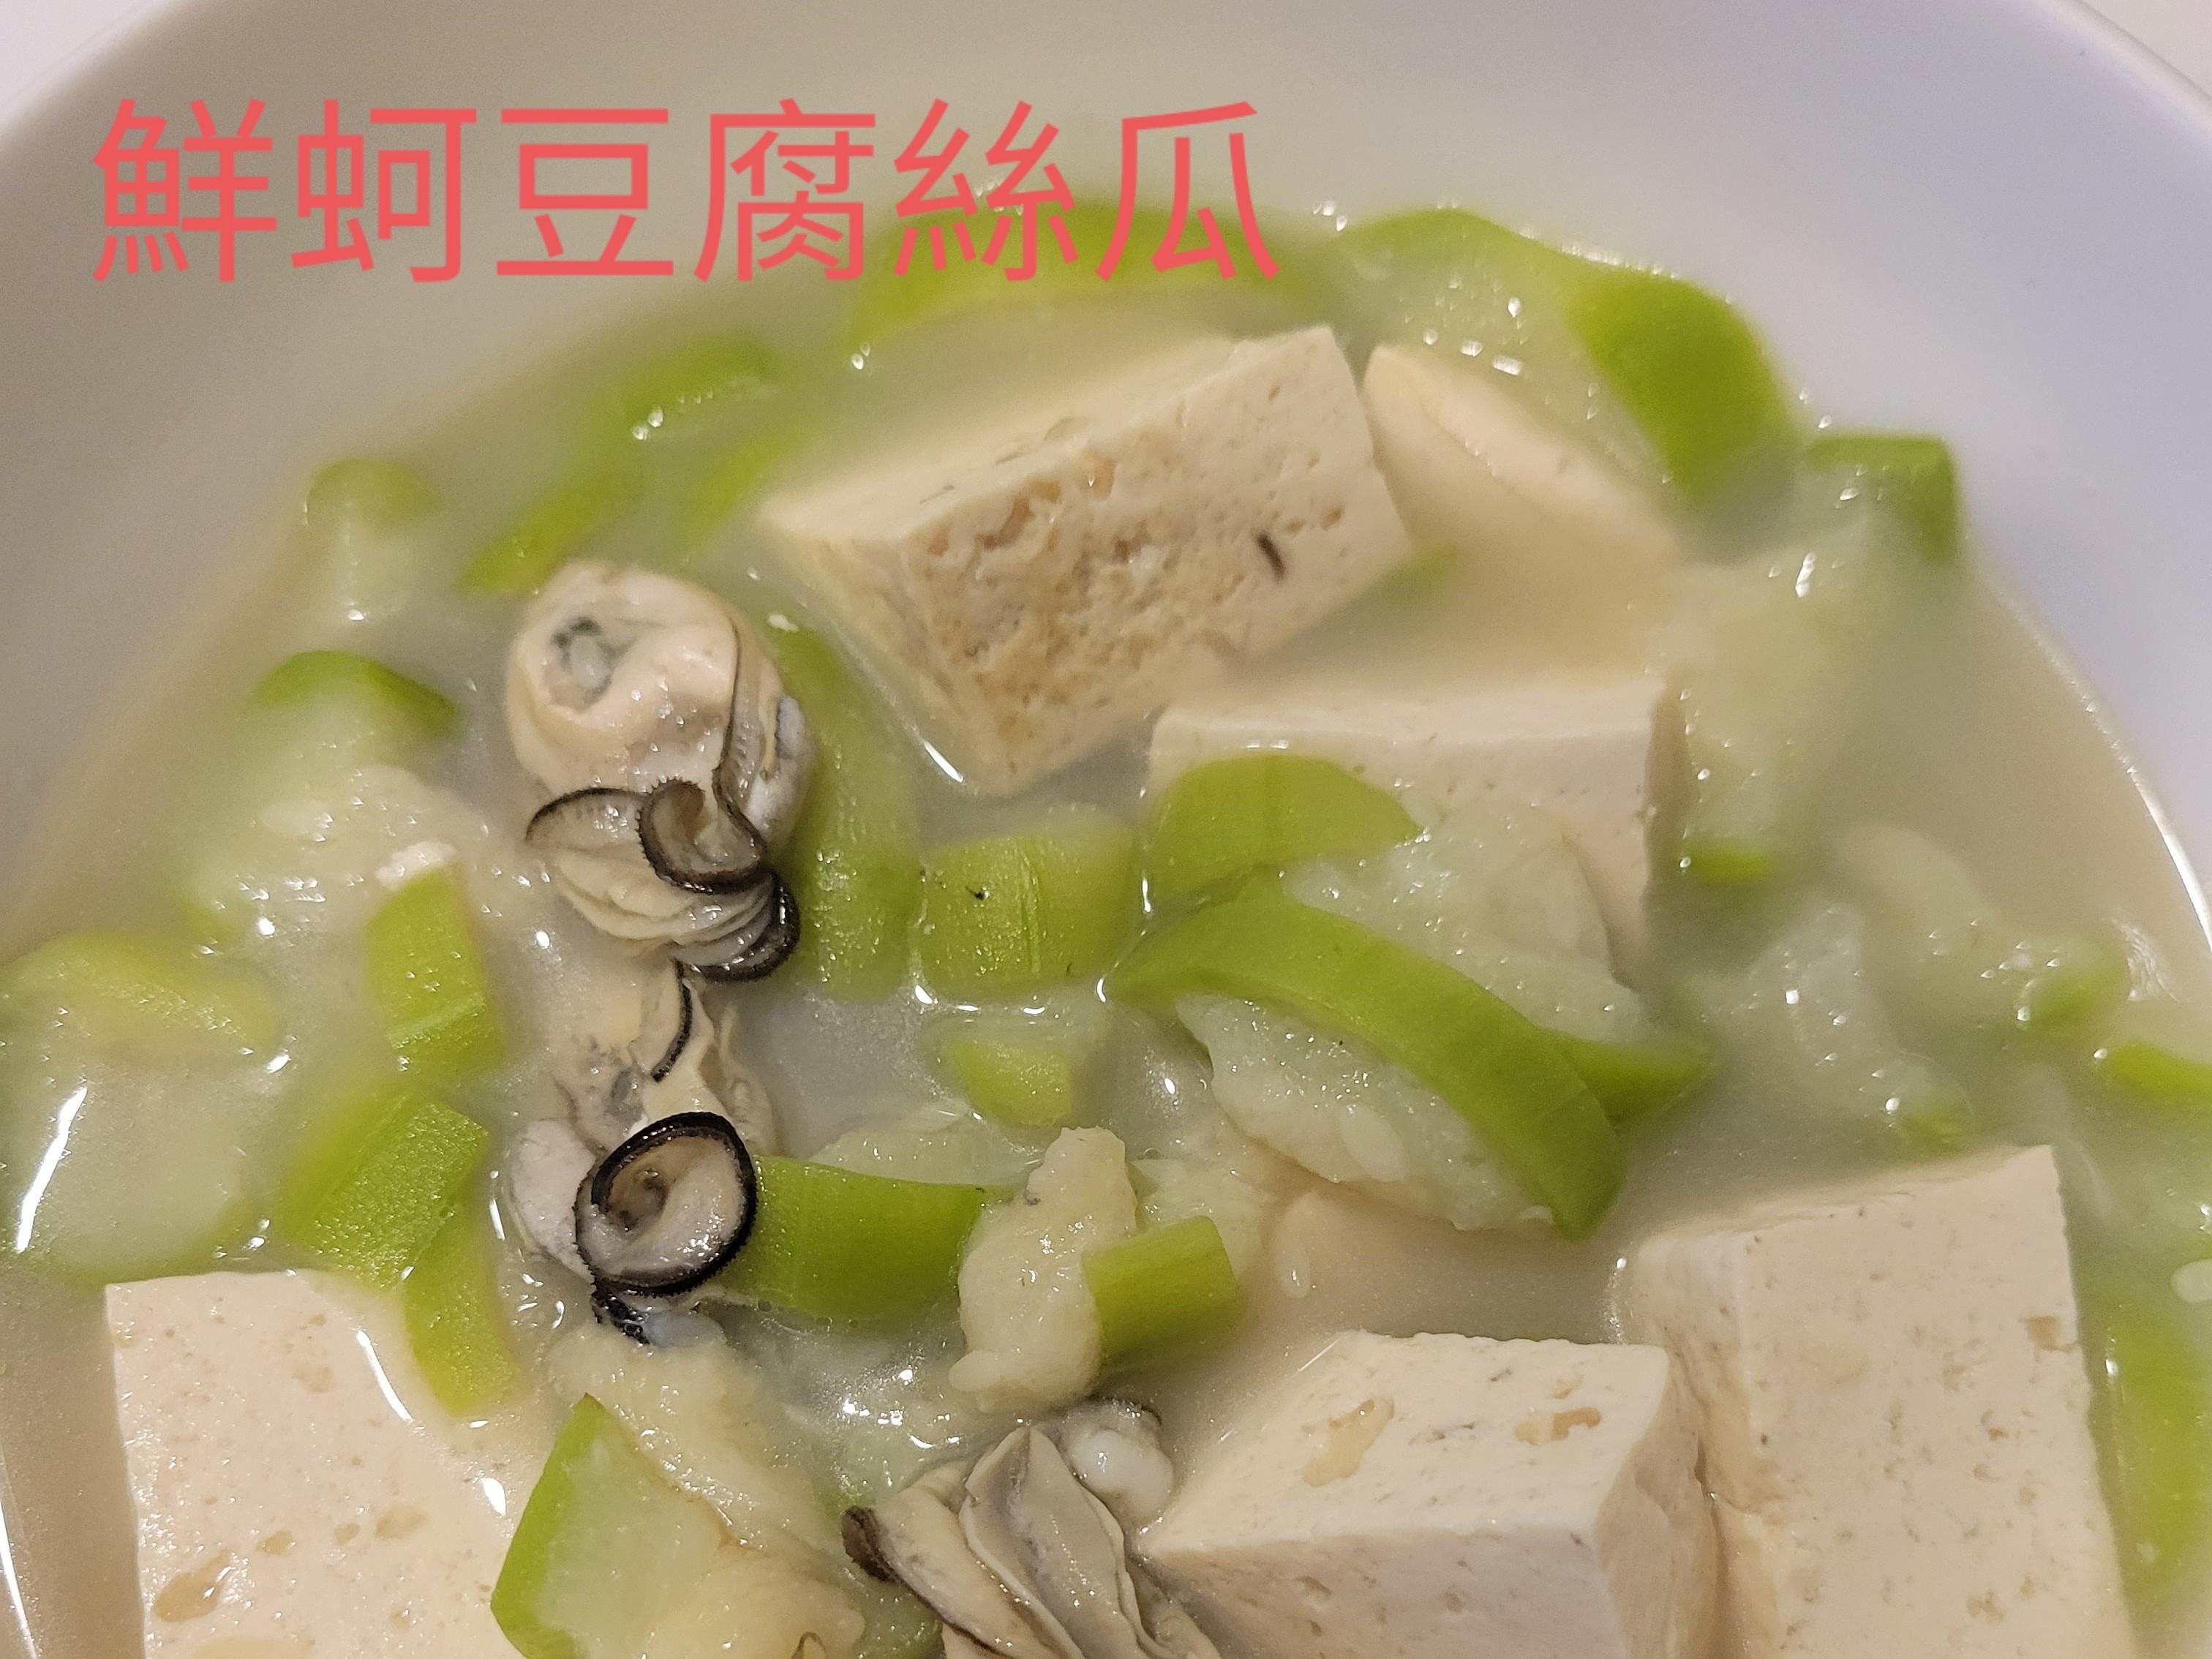 鮮蚵豆腐絲瓜